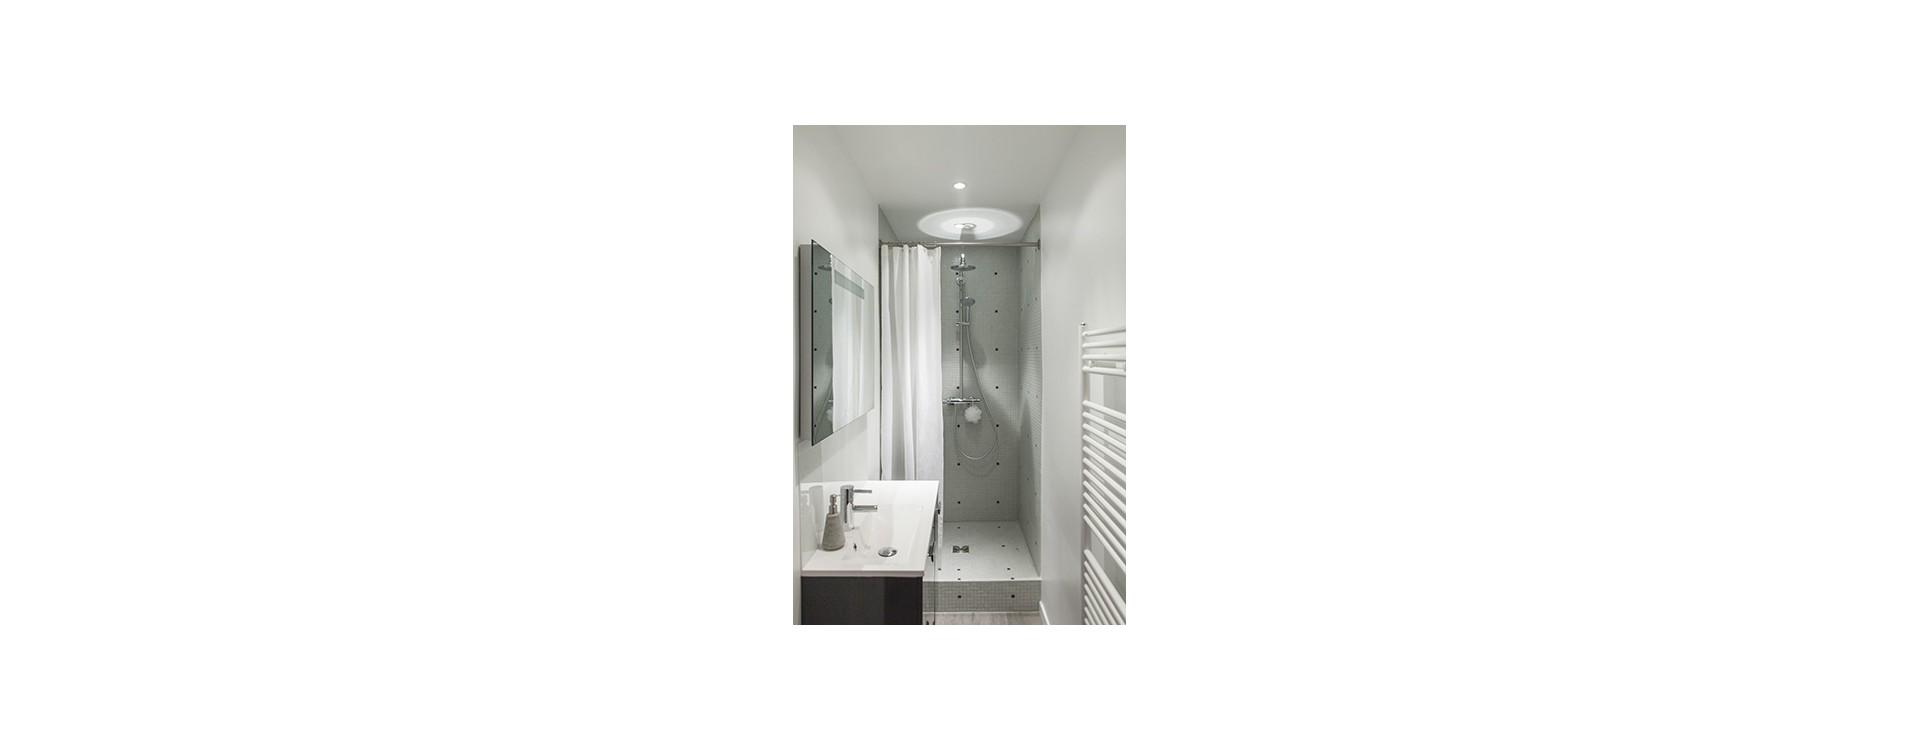 Nouveauté GalboBain 2013: La barre de rideau de douche droite